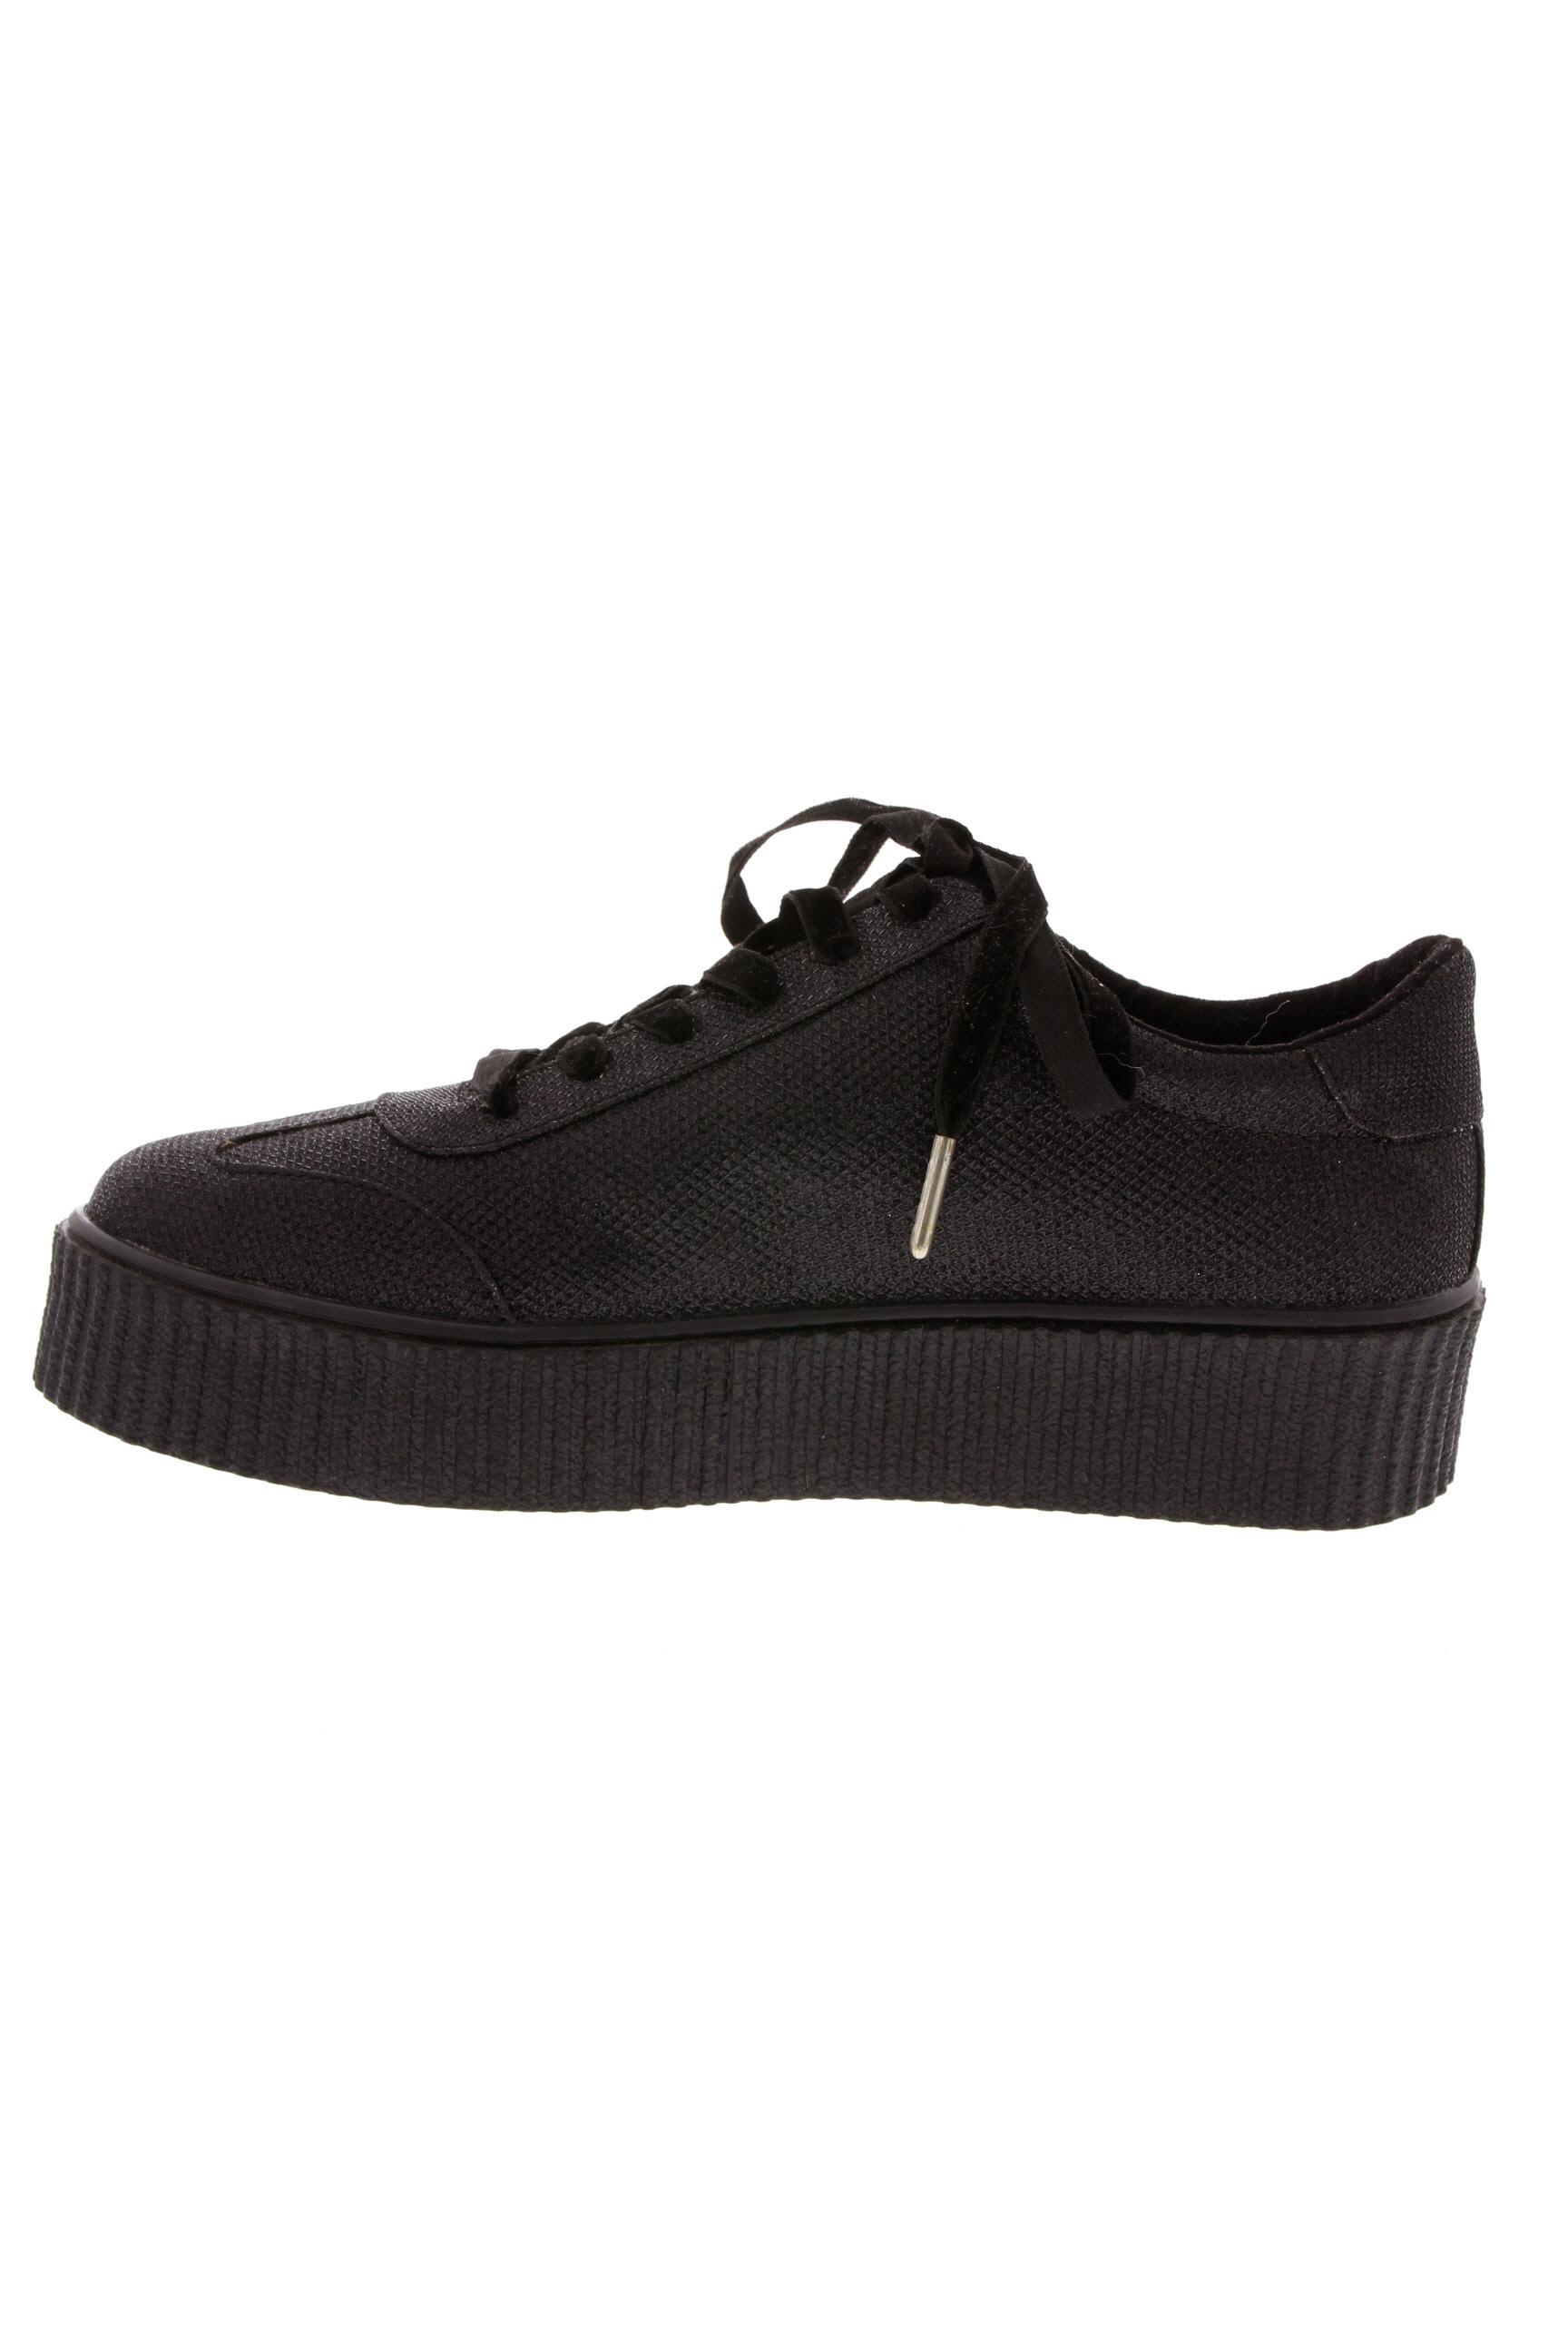 Gioseppo Baskets Femme De Couleur Noir En Soldes Pas Cher 1394851-noir00